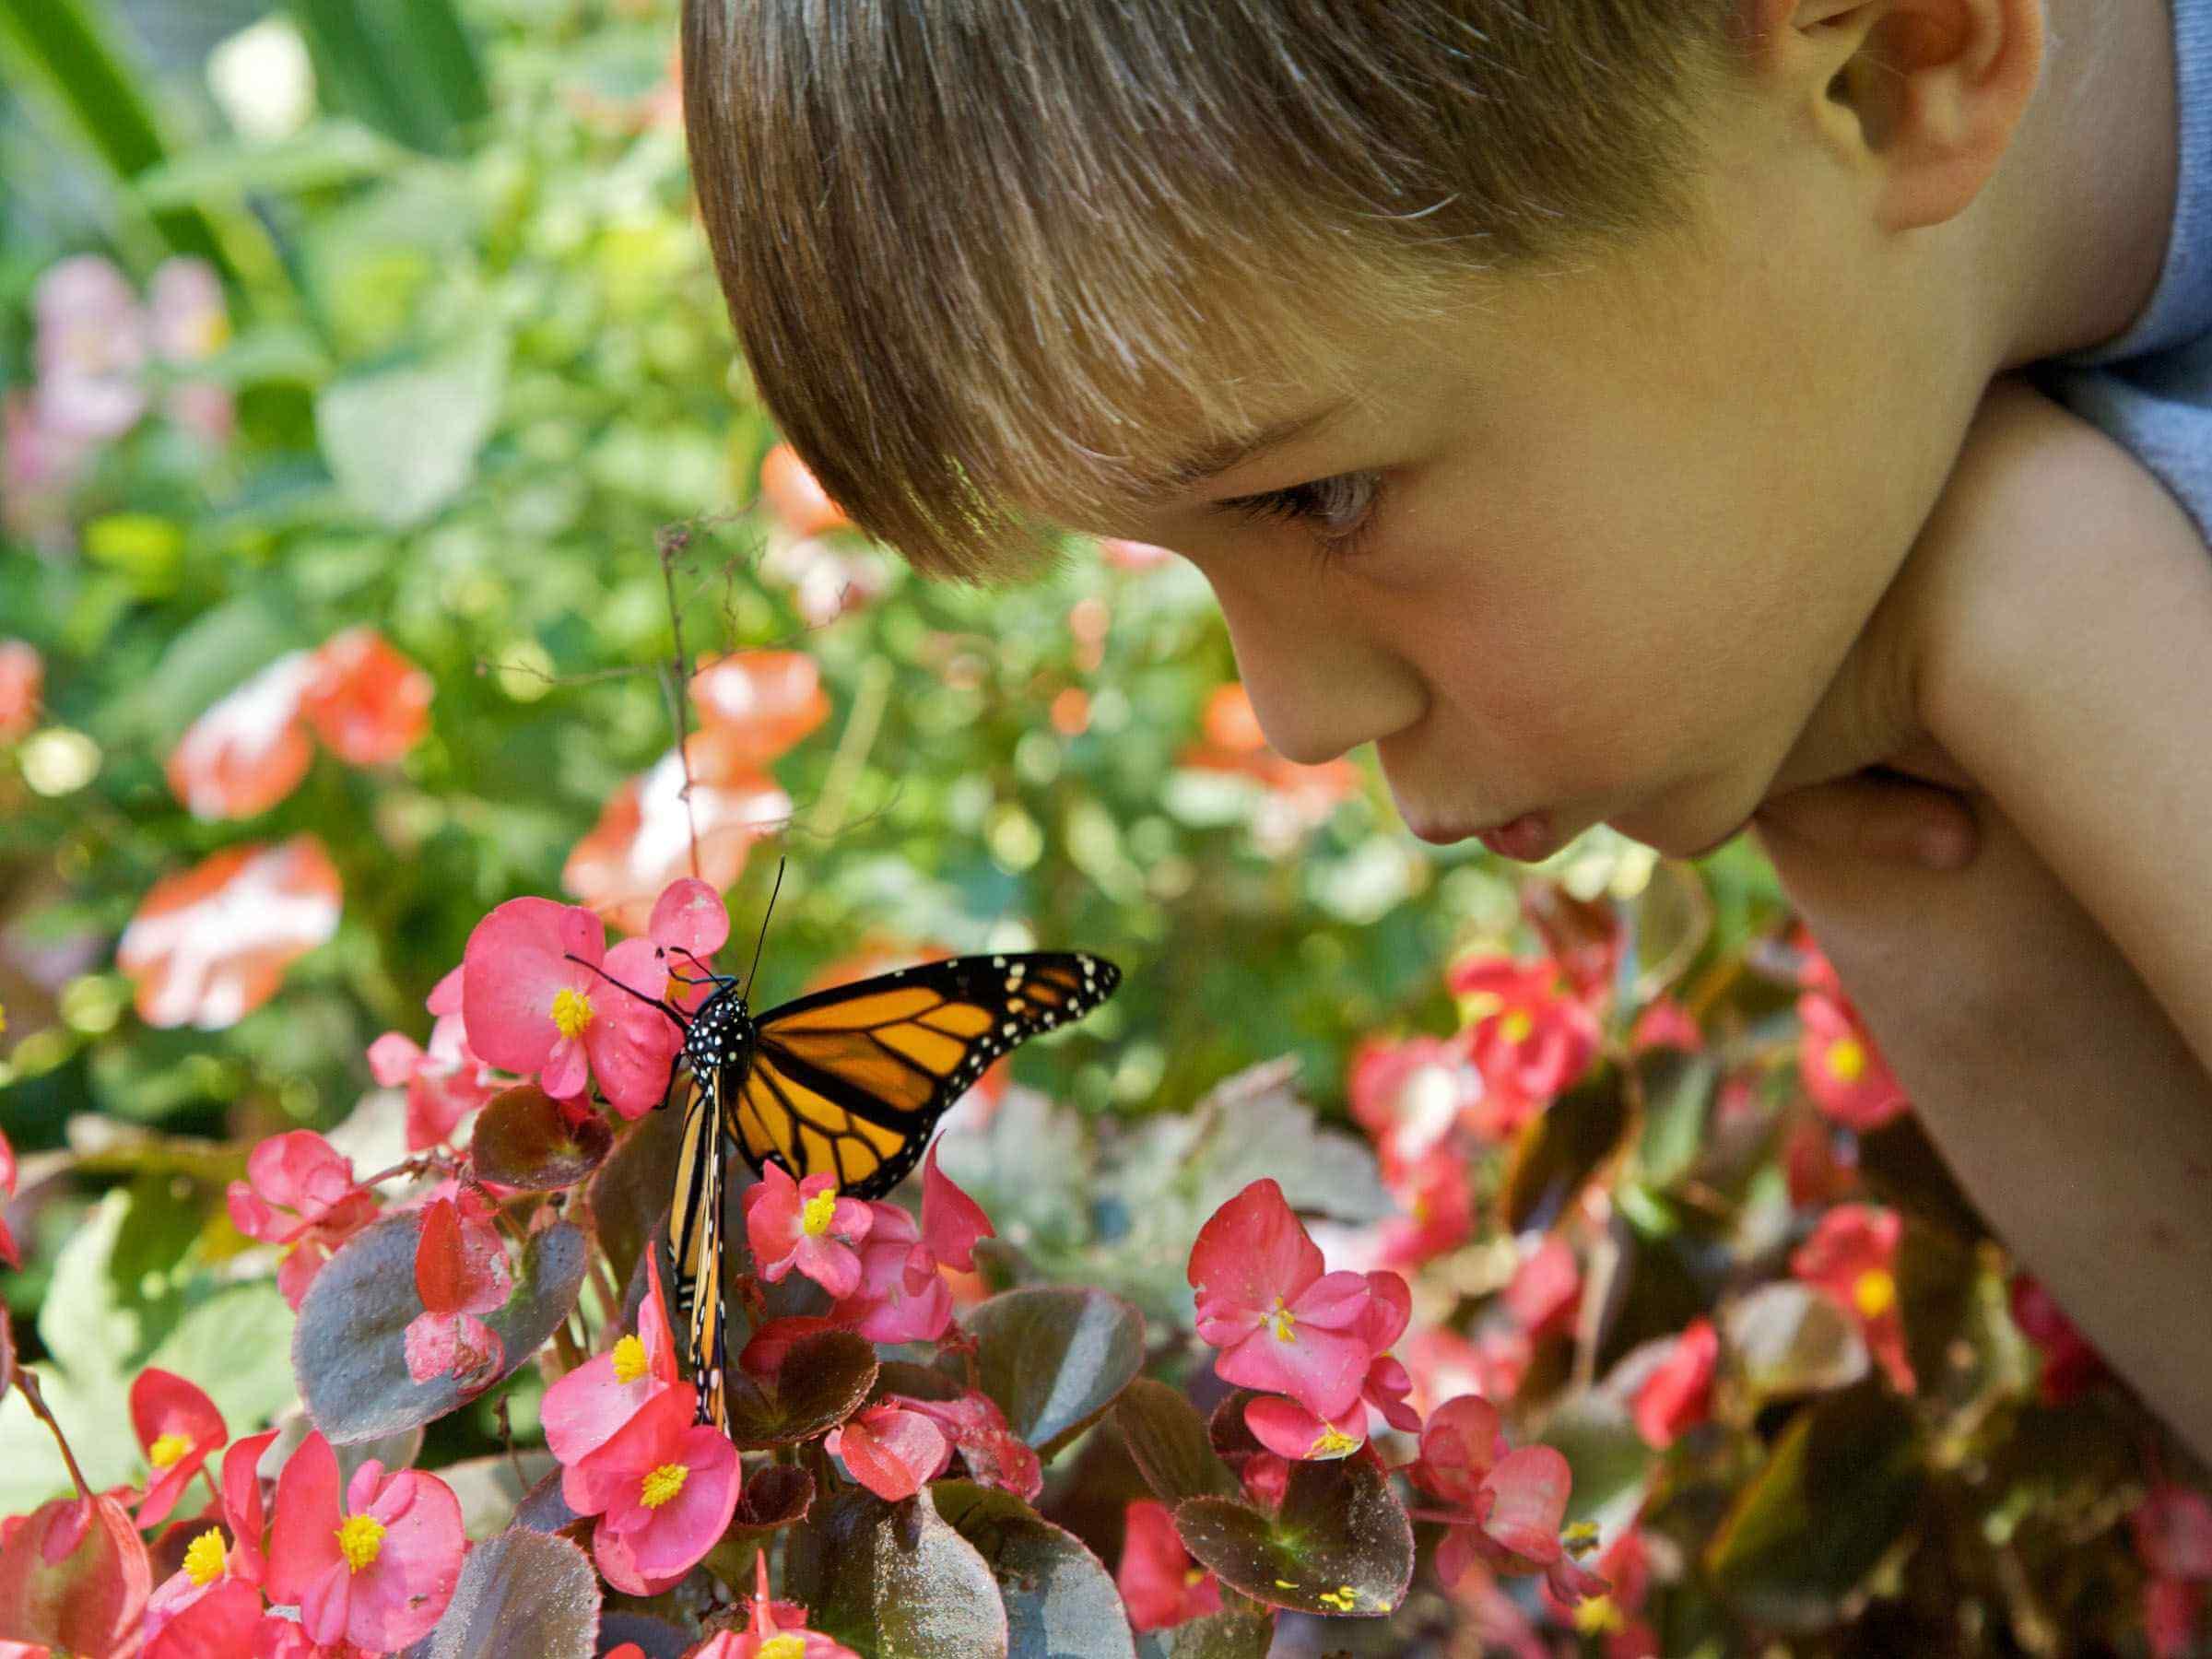 حديقة الفراشات في اسطنبول